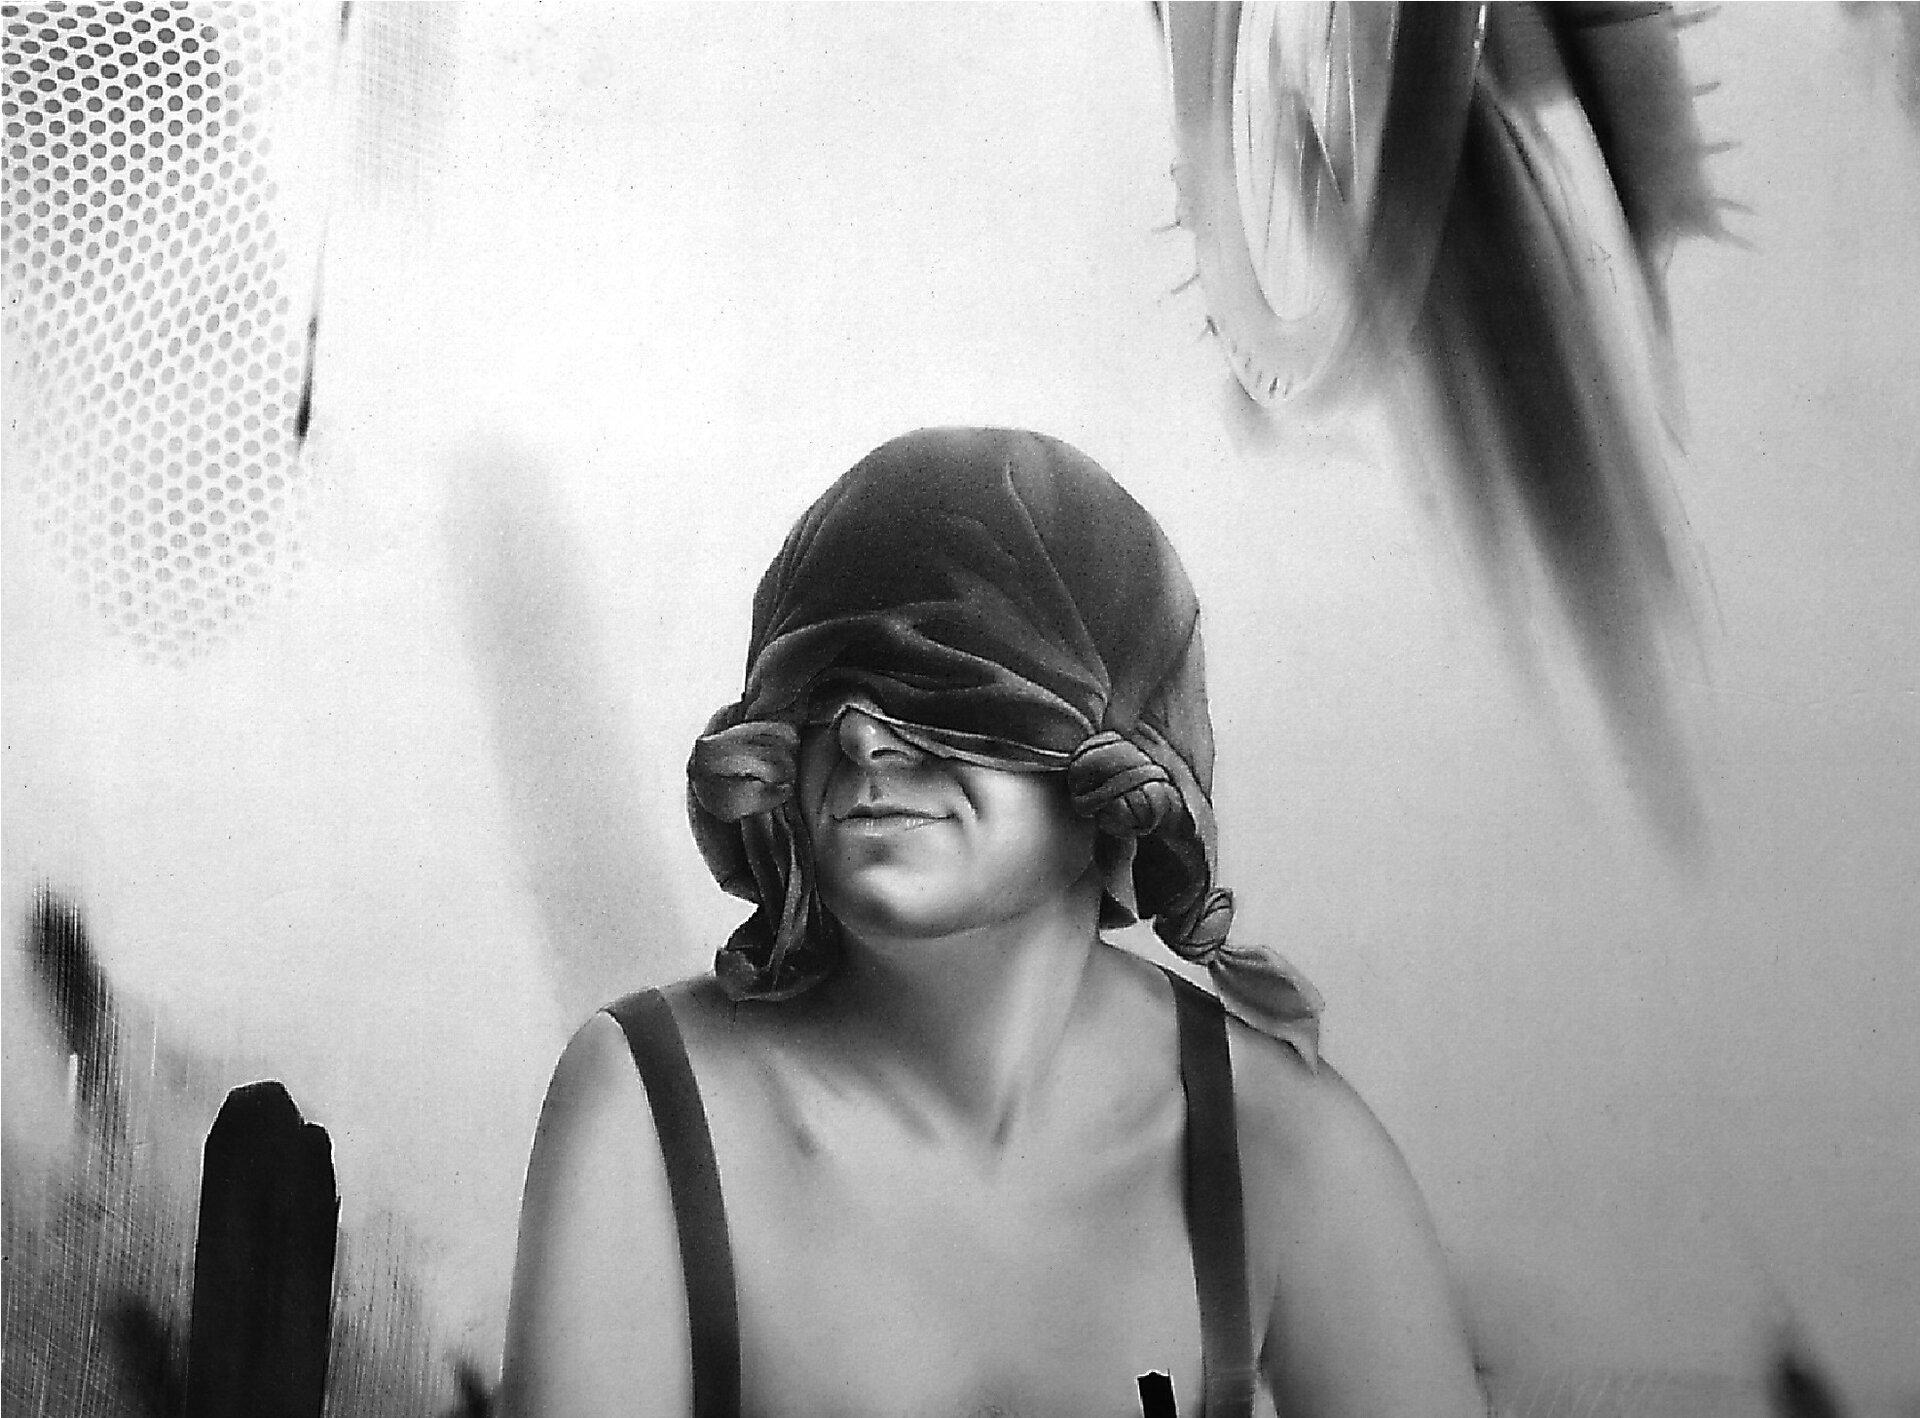 """Ilustracja przedstawia czarno-biały rysunek """"Portret M."""" autorstwa Jędrzego Gołasia. Artysta, przy pomocy delikatnego cieniowania narysowała portret mężczyzny znasuniętą na oczy, zawiązaną na czterech rogach, ciemną tkaniną. Postać na nagie ramiona ma naciągnięte szelki. Tło stanowią plamy oróżnej strukturze inatężeniu: od delikatnych przetarć, poprzez frottage siatki aż po czarne, nakładane aplą plamy. Rysunek tchnie sielską atmosferą, mężczyzna sprawia wrażenie zrelaksowanego."""